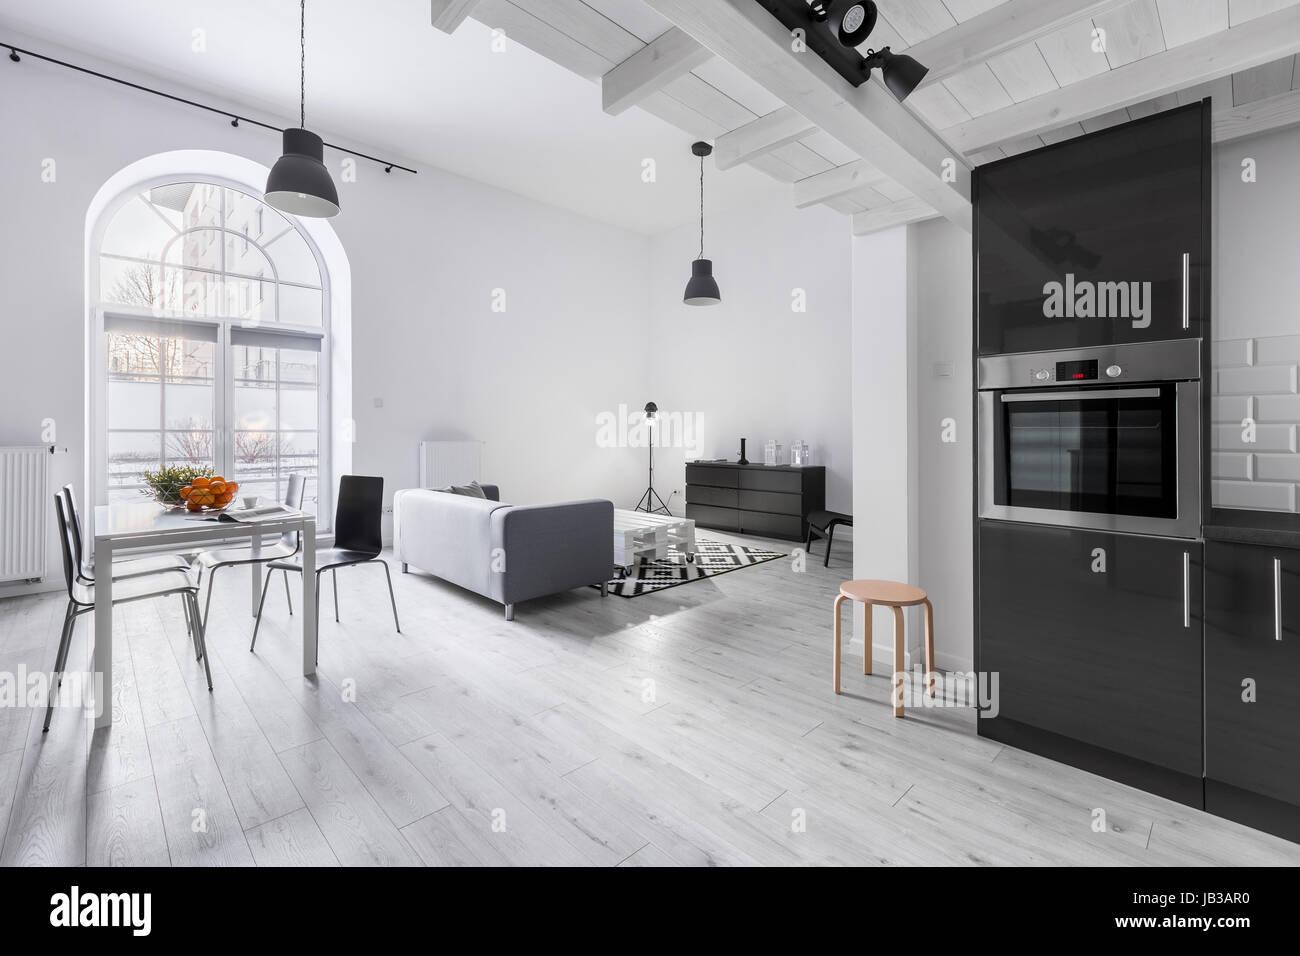 Moderne Wohnung im industriellen Stil mit Küche und Wohnzimmer ...